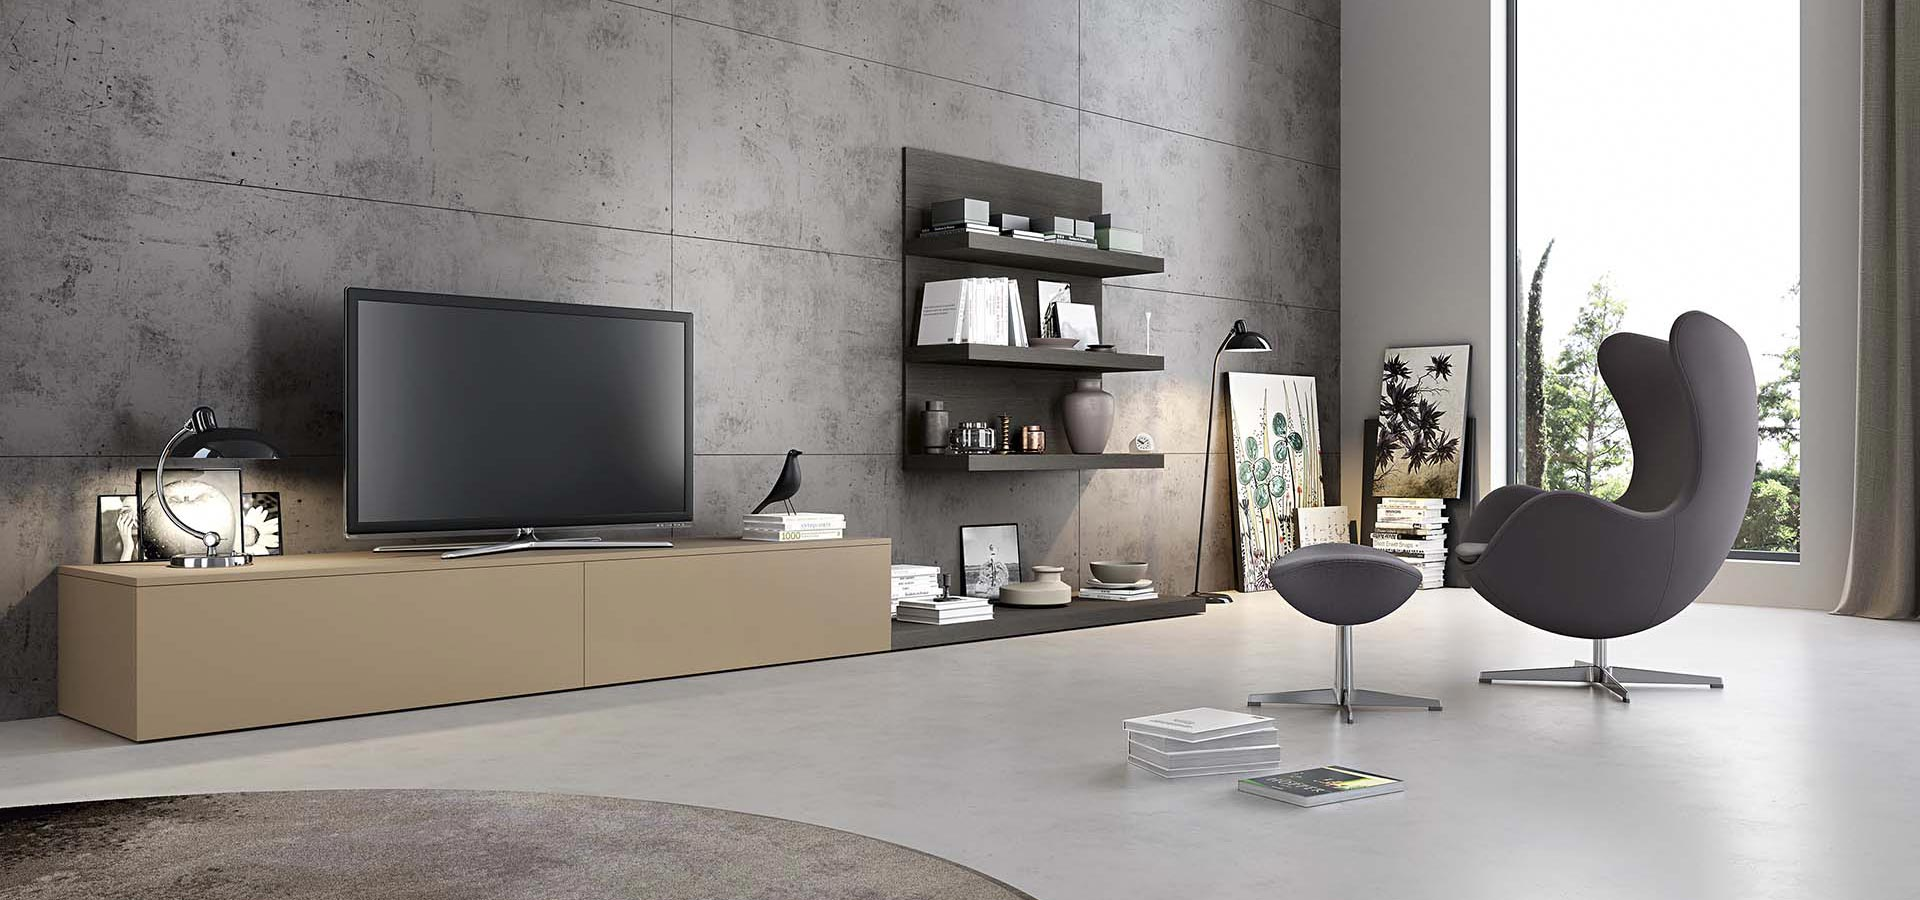 Soggiorni pirani mobili for Mobili soggiorno angolari moderni